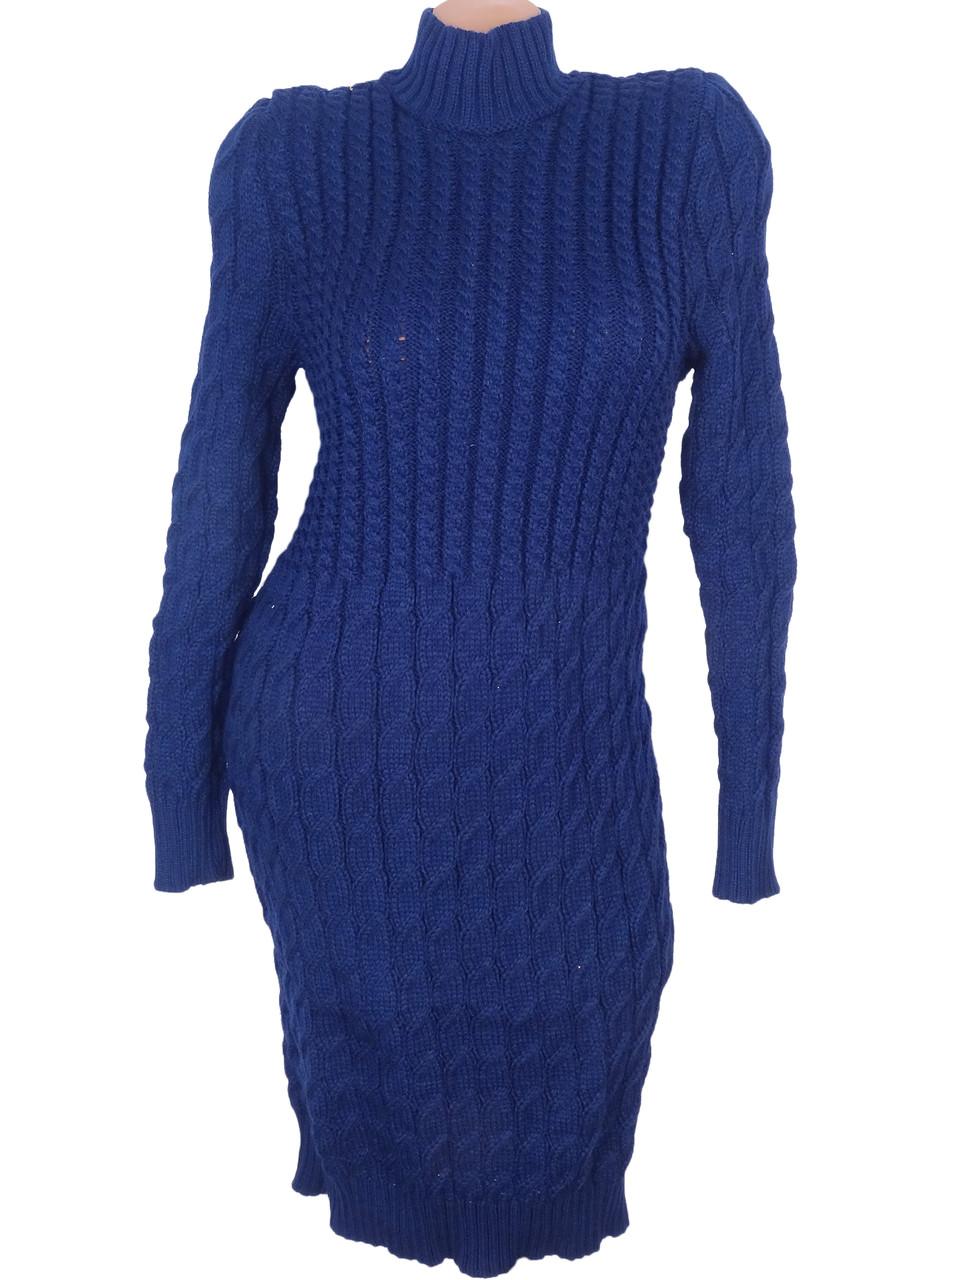 Эластичное вязаное платье  (в расцветках)